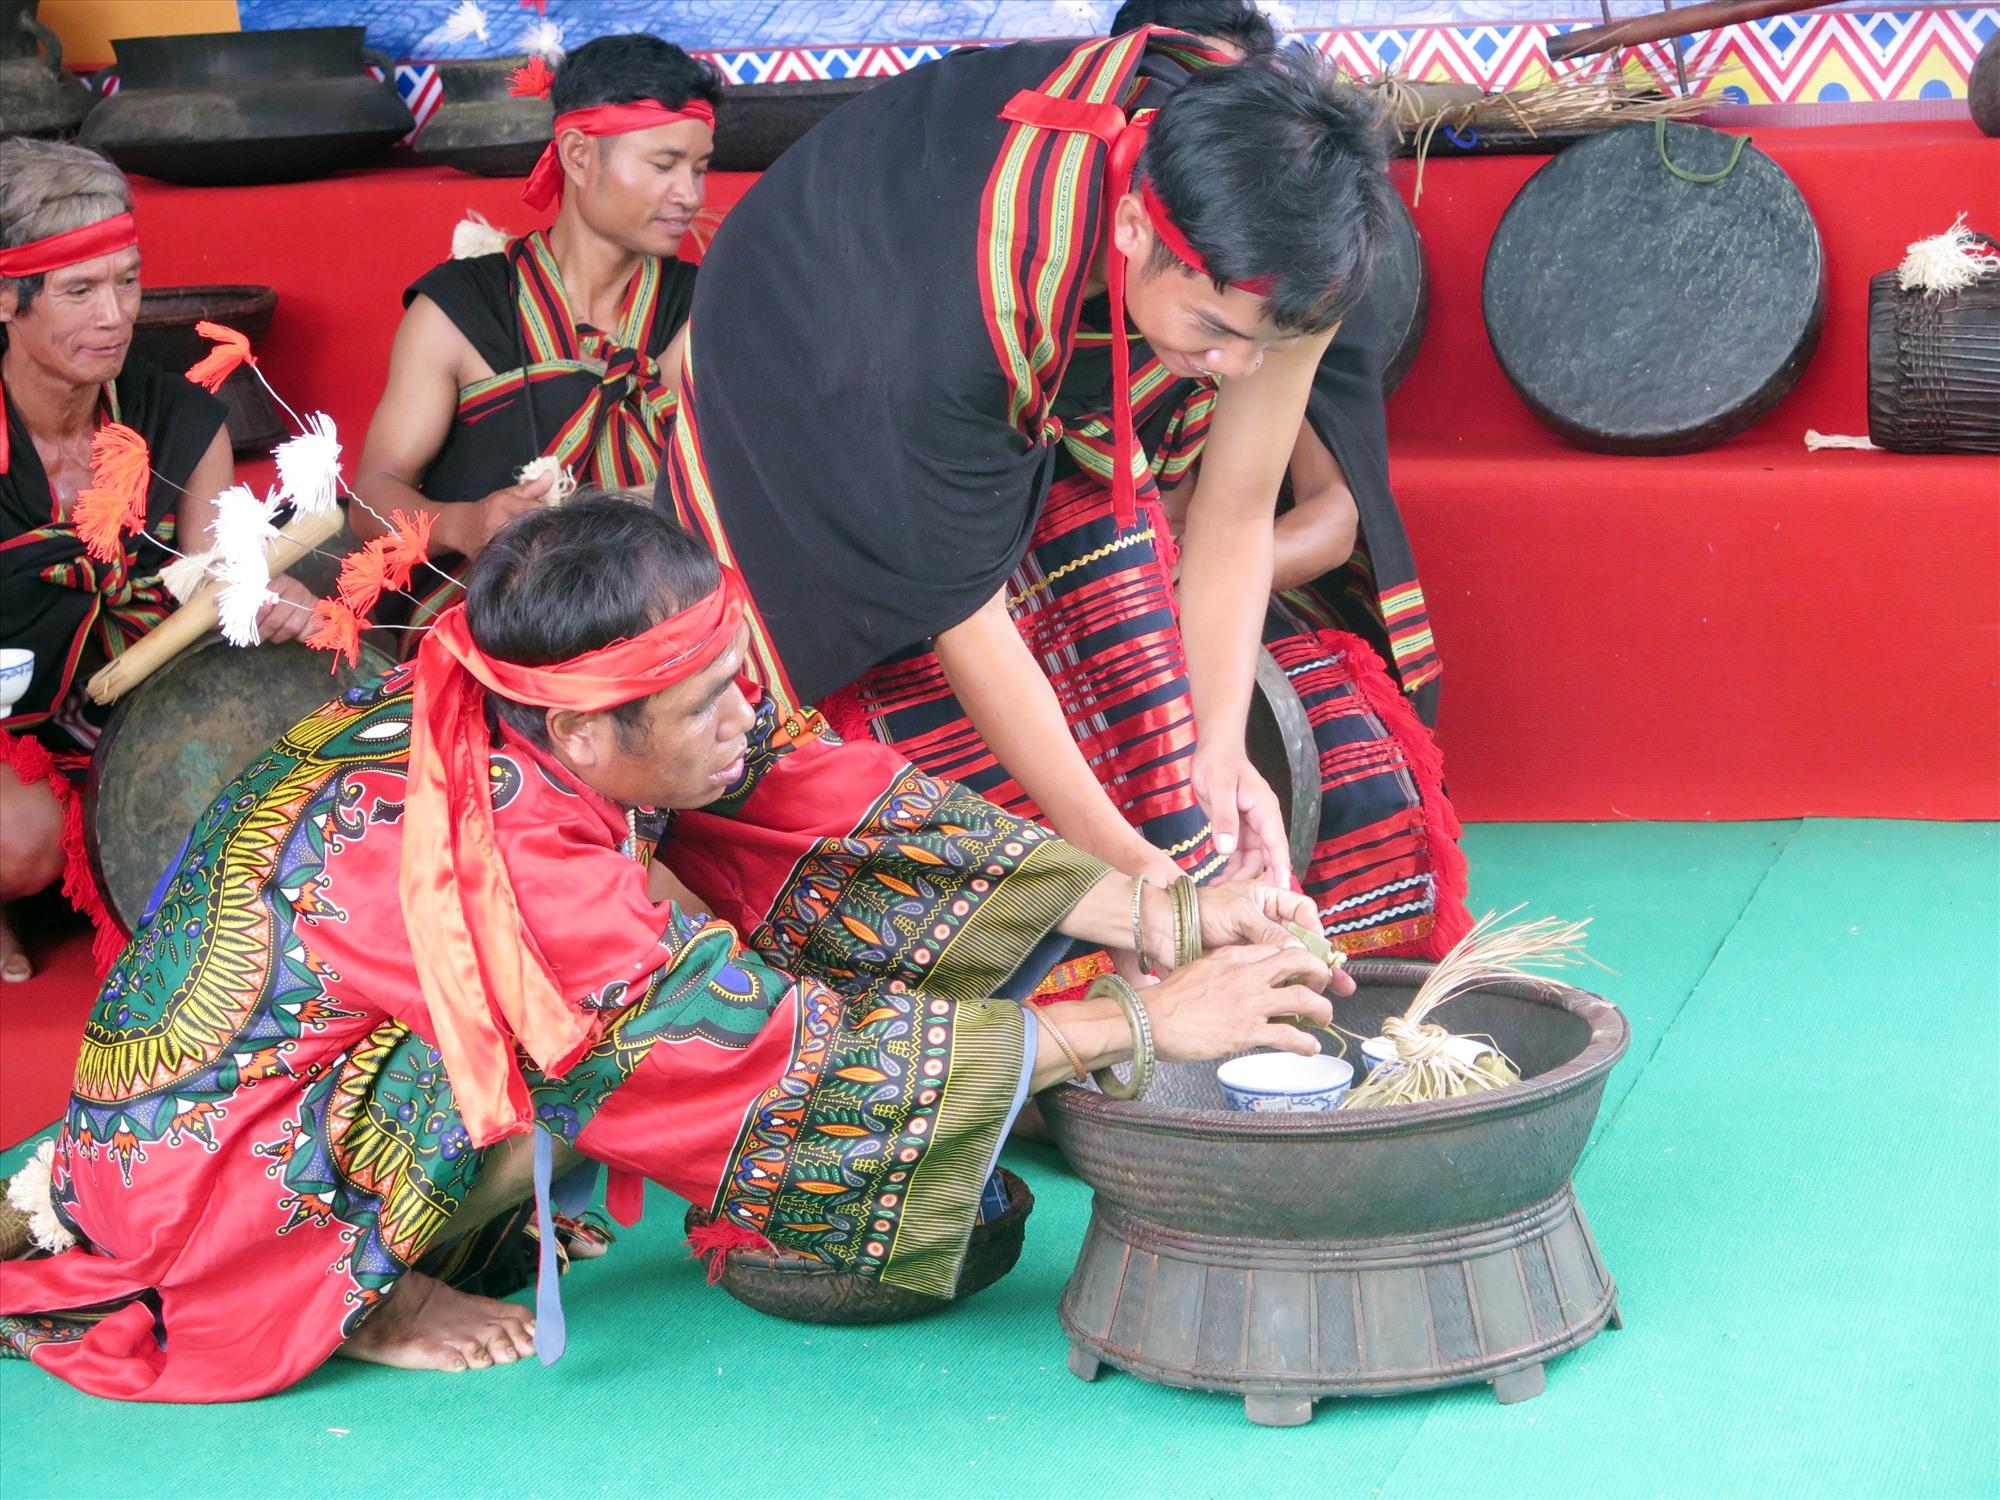 Văn hóa truyền thống của đồng bào dân tộc thiểu số cần được bảo tồn thích hợp. Ảnh: X.H